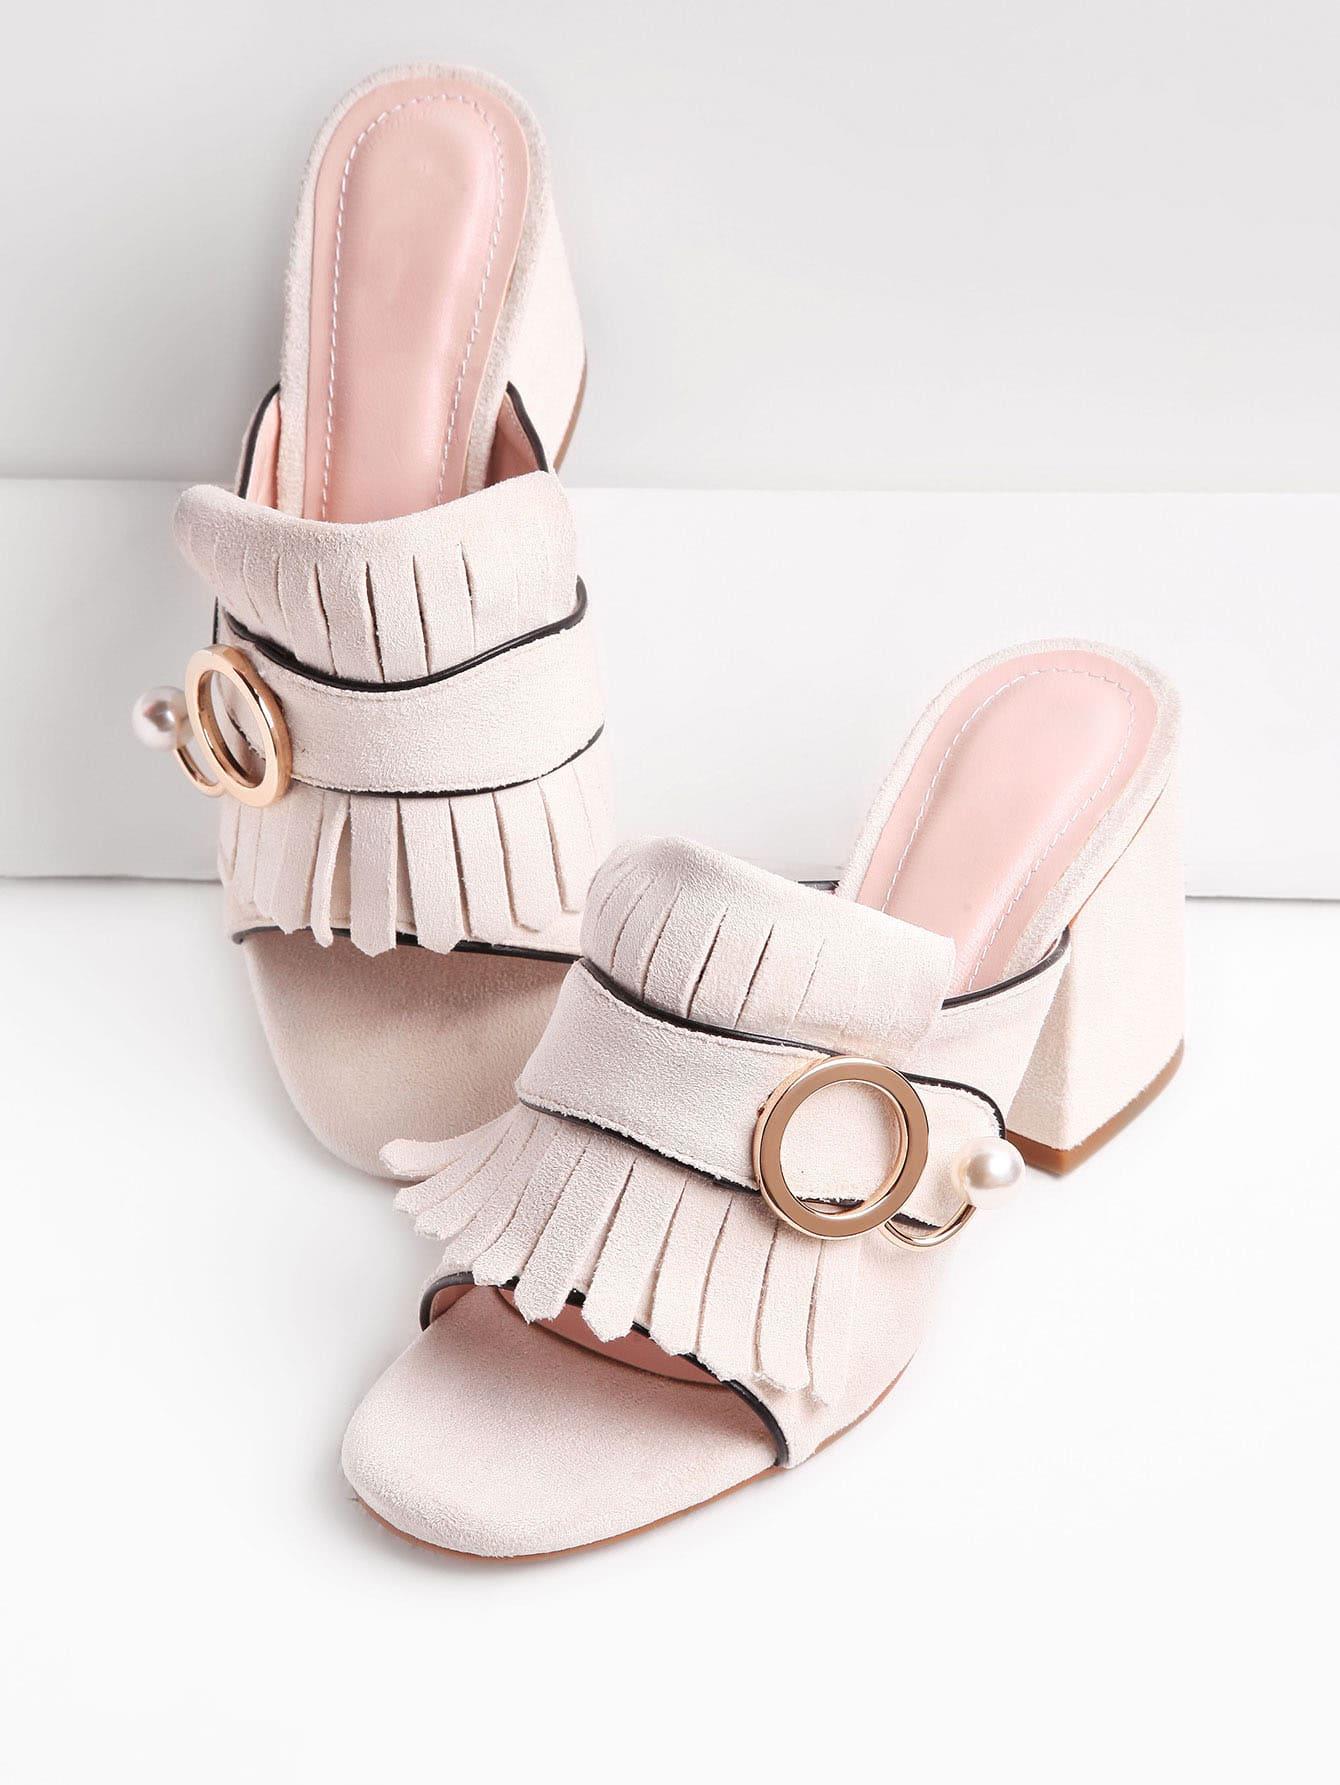 shoes170421802_2